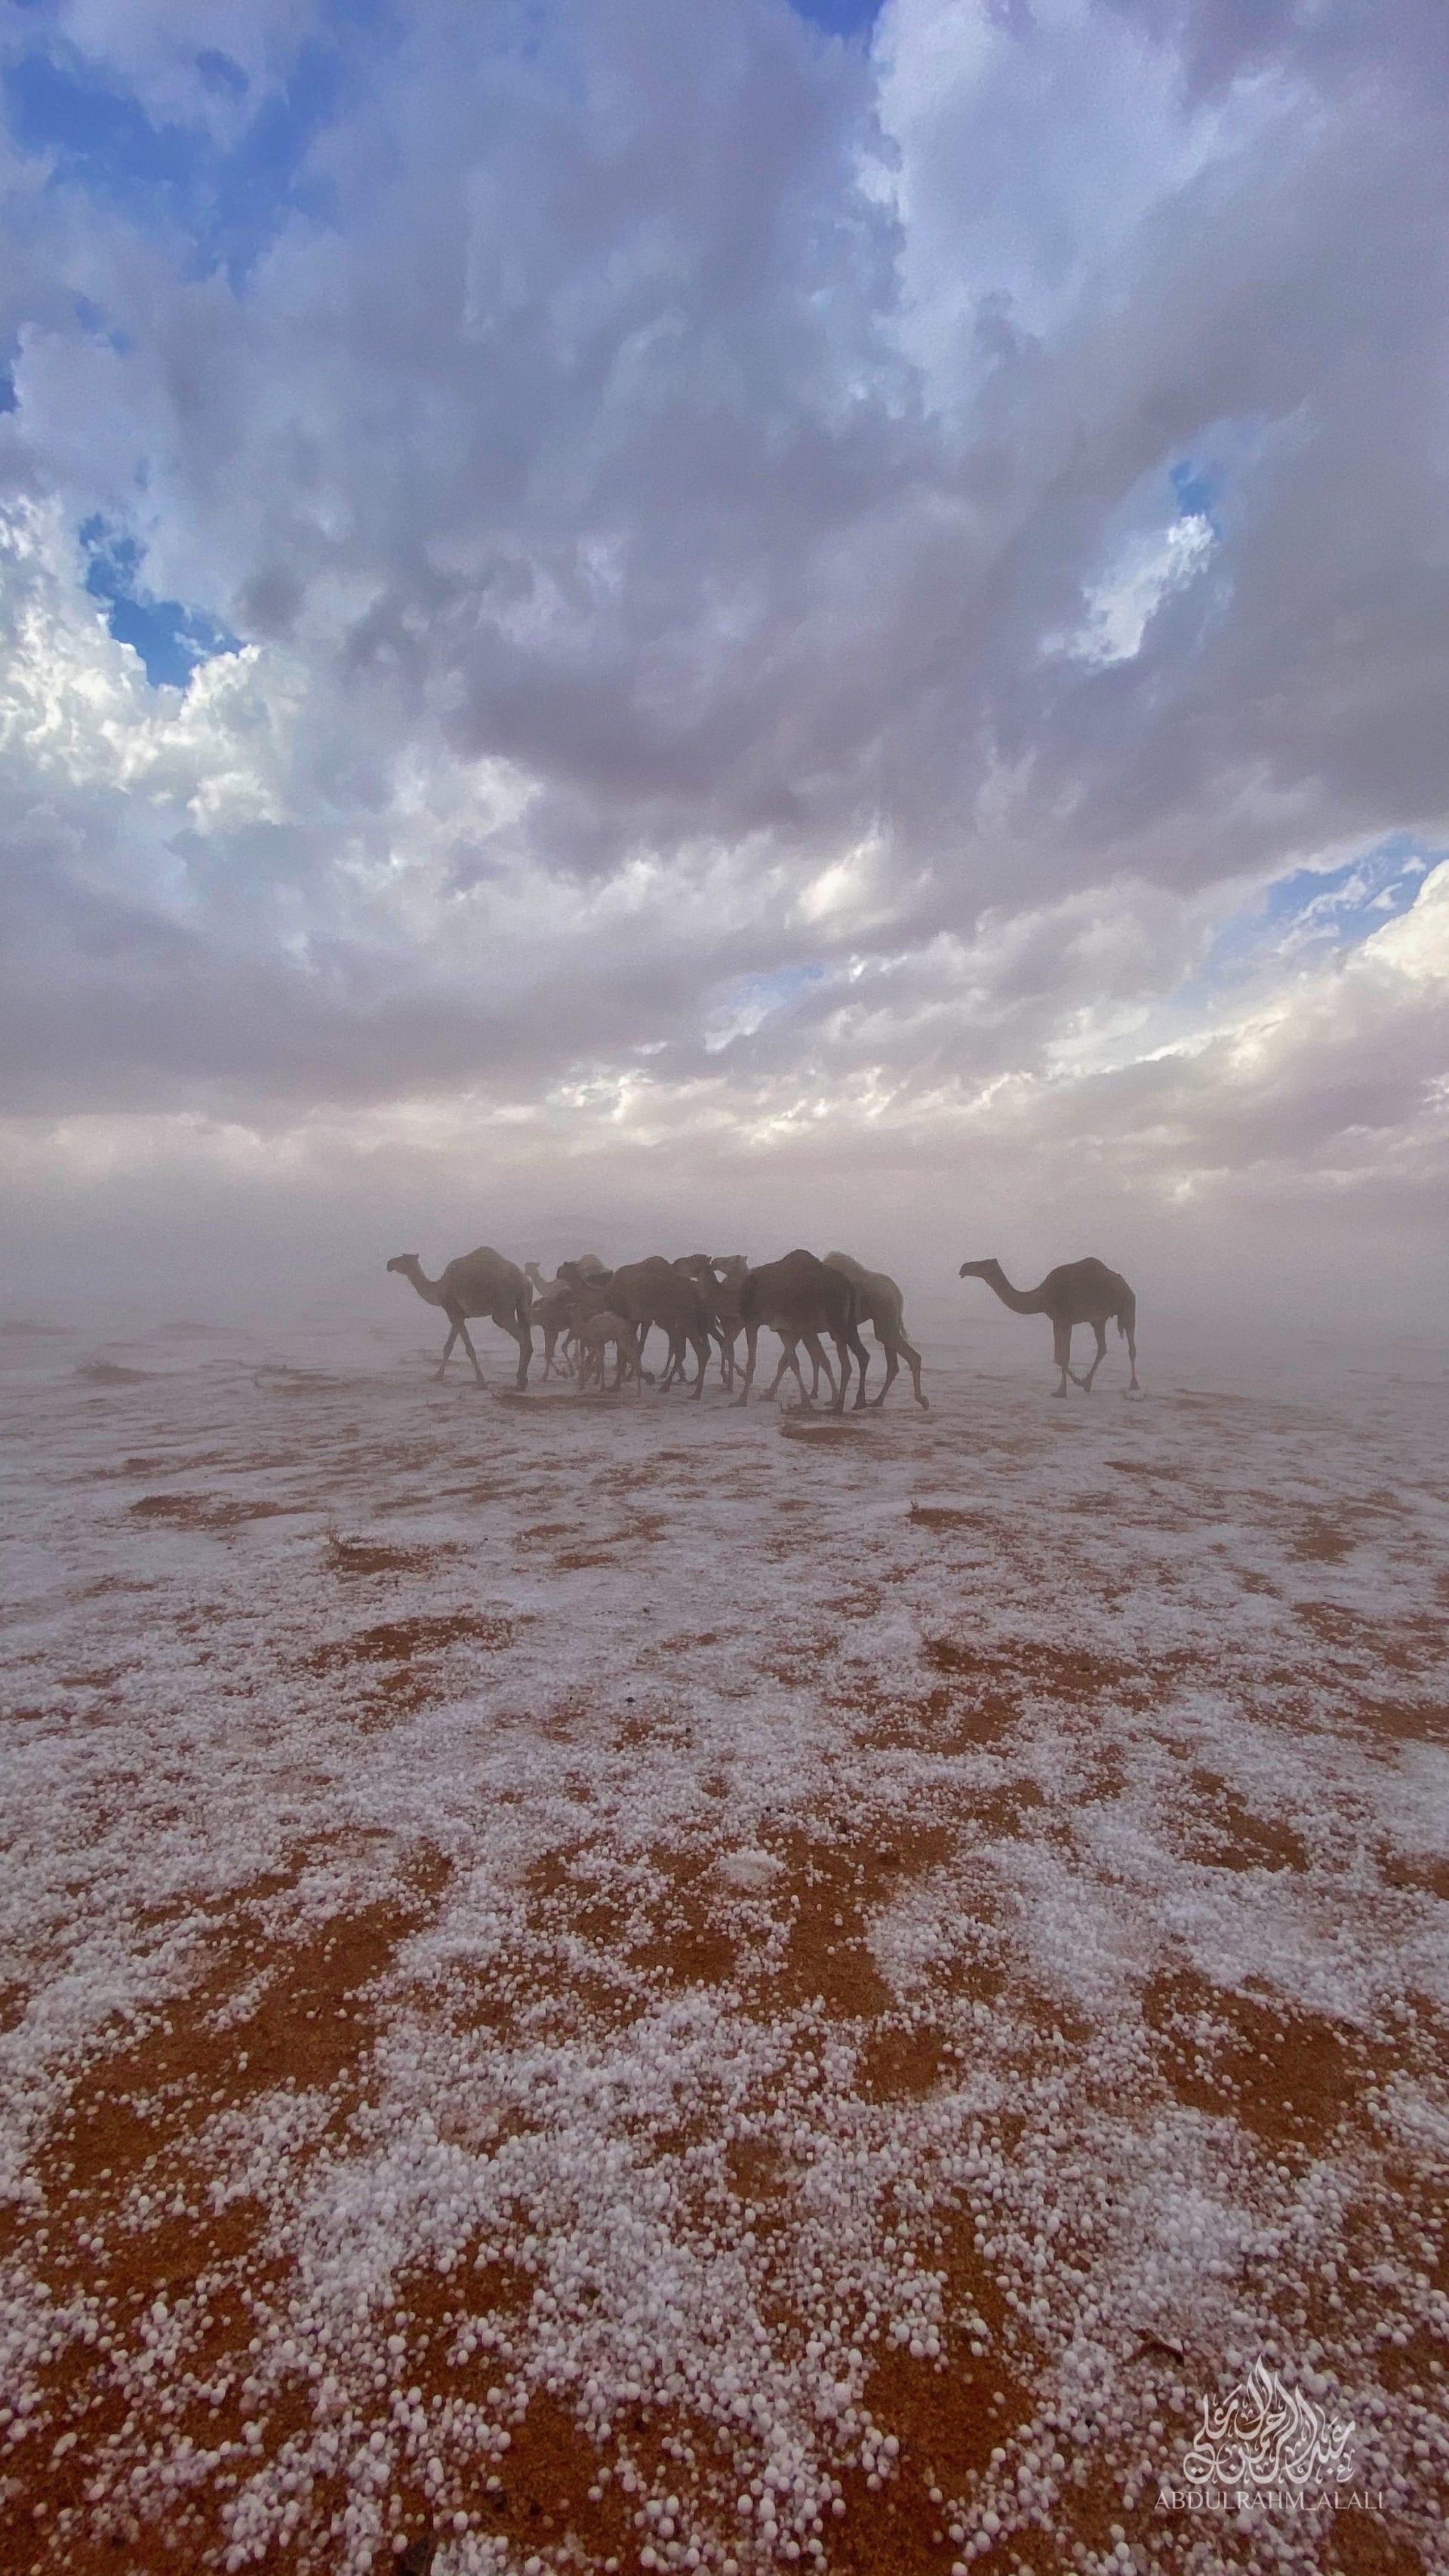 بالسعودية.. مشهد لقطيع من الإبل السوداء فوق غطاء أبيض بعد هطول البرد يثير دهشة الإنترنت